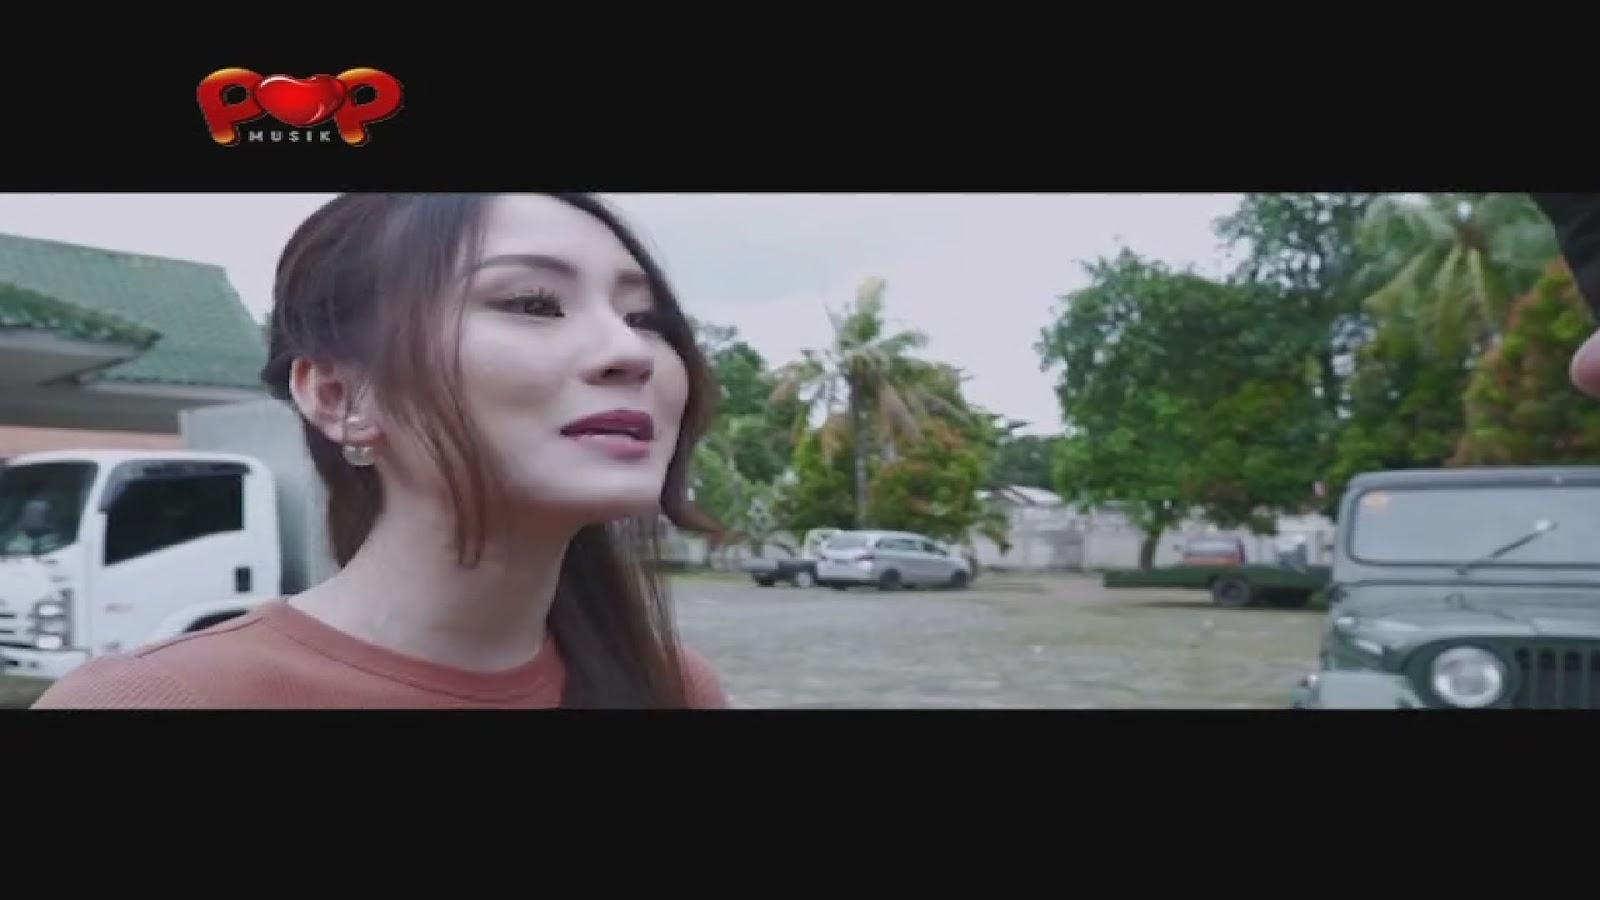 Frekuensi siaran Pop Musik di satelit ChinaSat 11 Terbaru